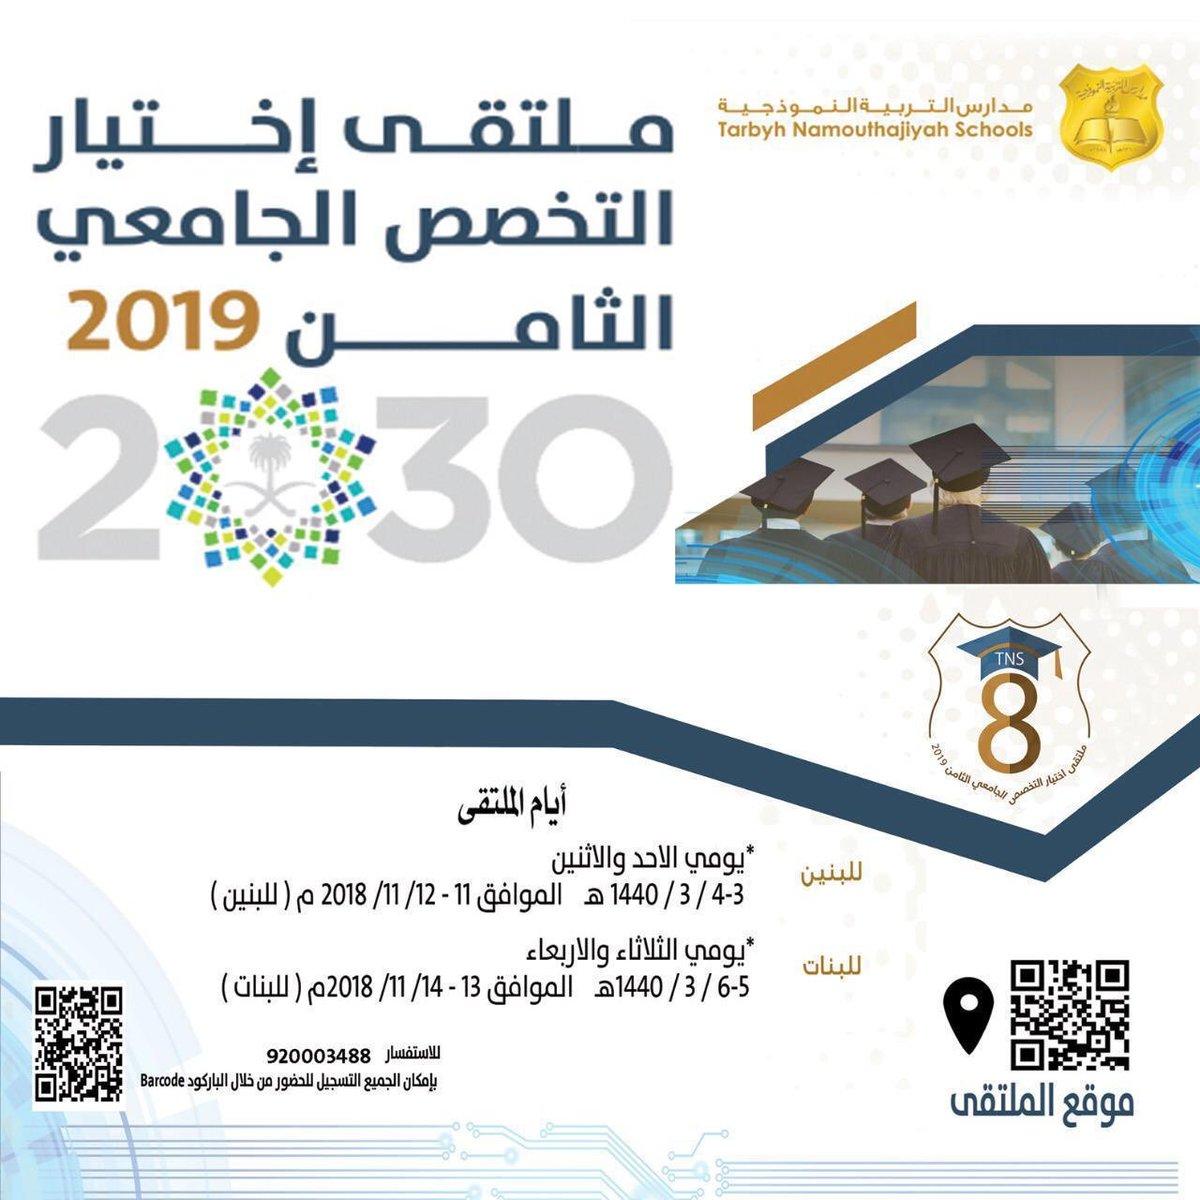 جامعة الإمام محمد بن سعود الإسلامية On Twitter وكالة الإرشاد